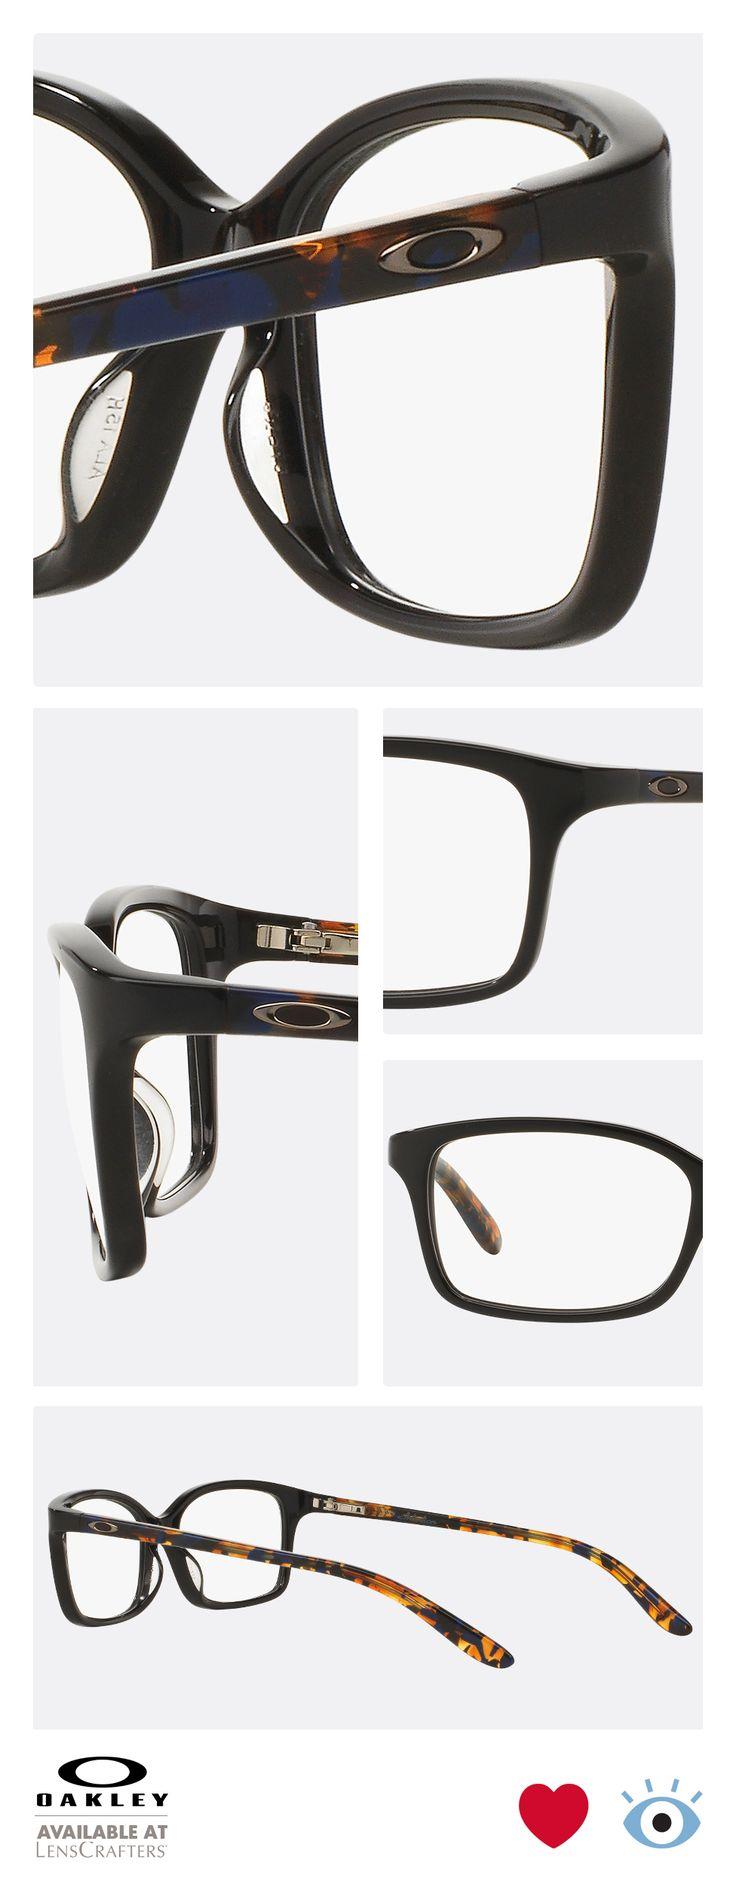 Mejores 13 imágenes de Oakley en Pinterest | Oakley, Gafas de sol y ...